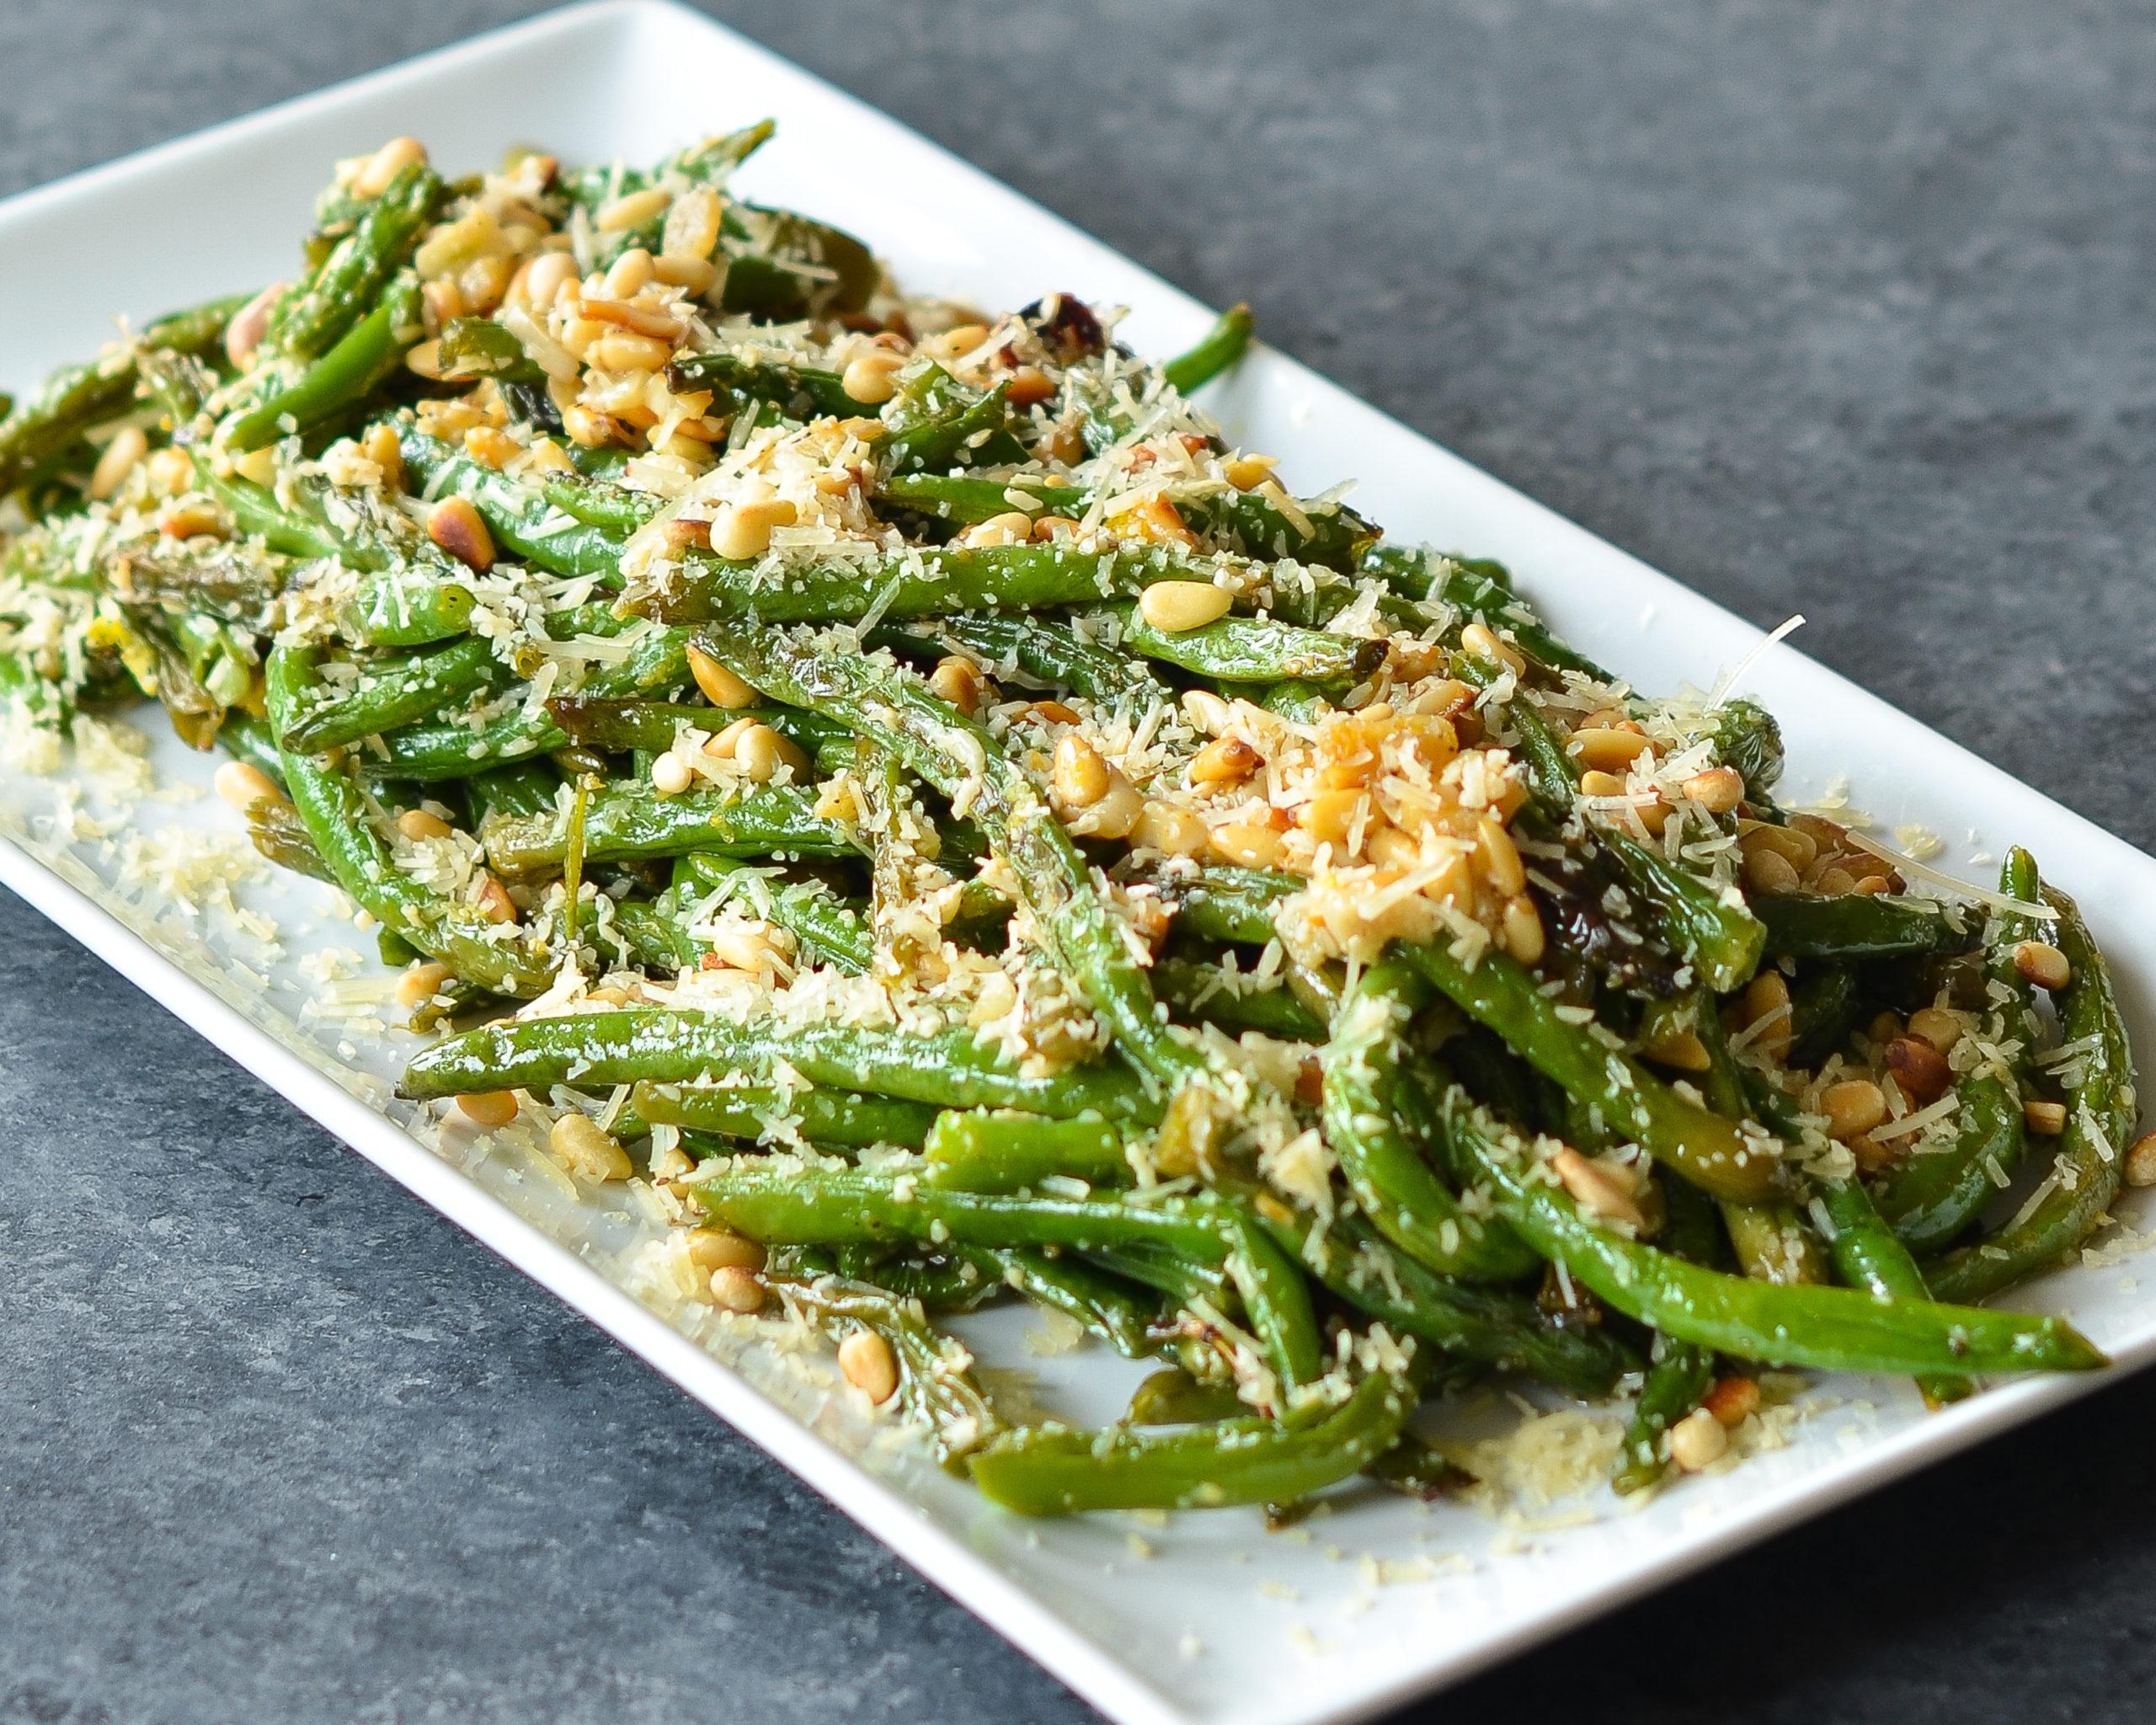 Sheet Pan Garlic Parmesan Green Beans